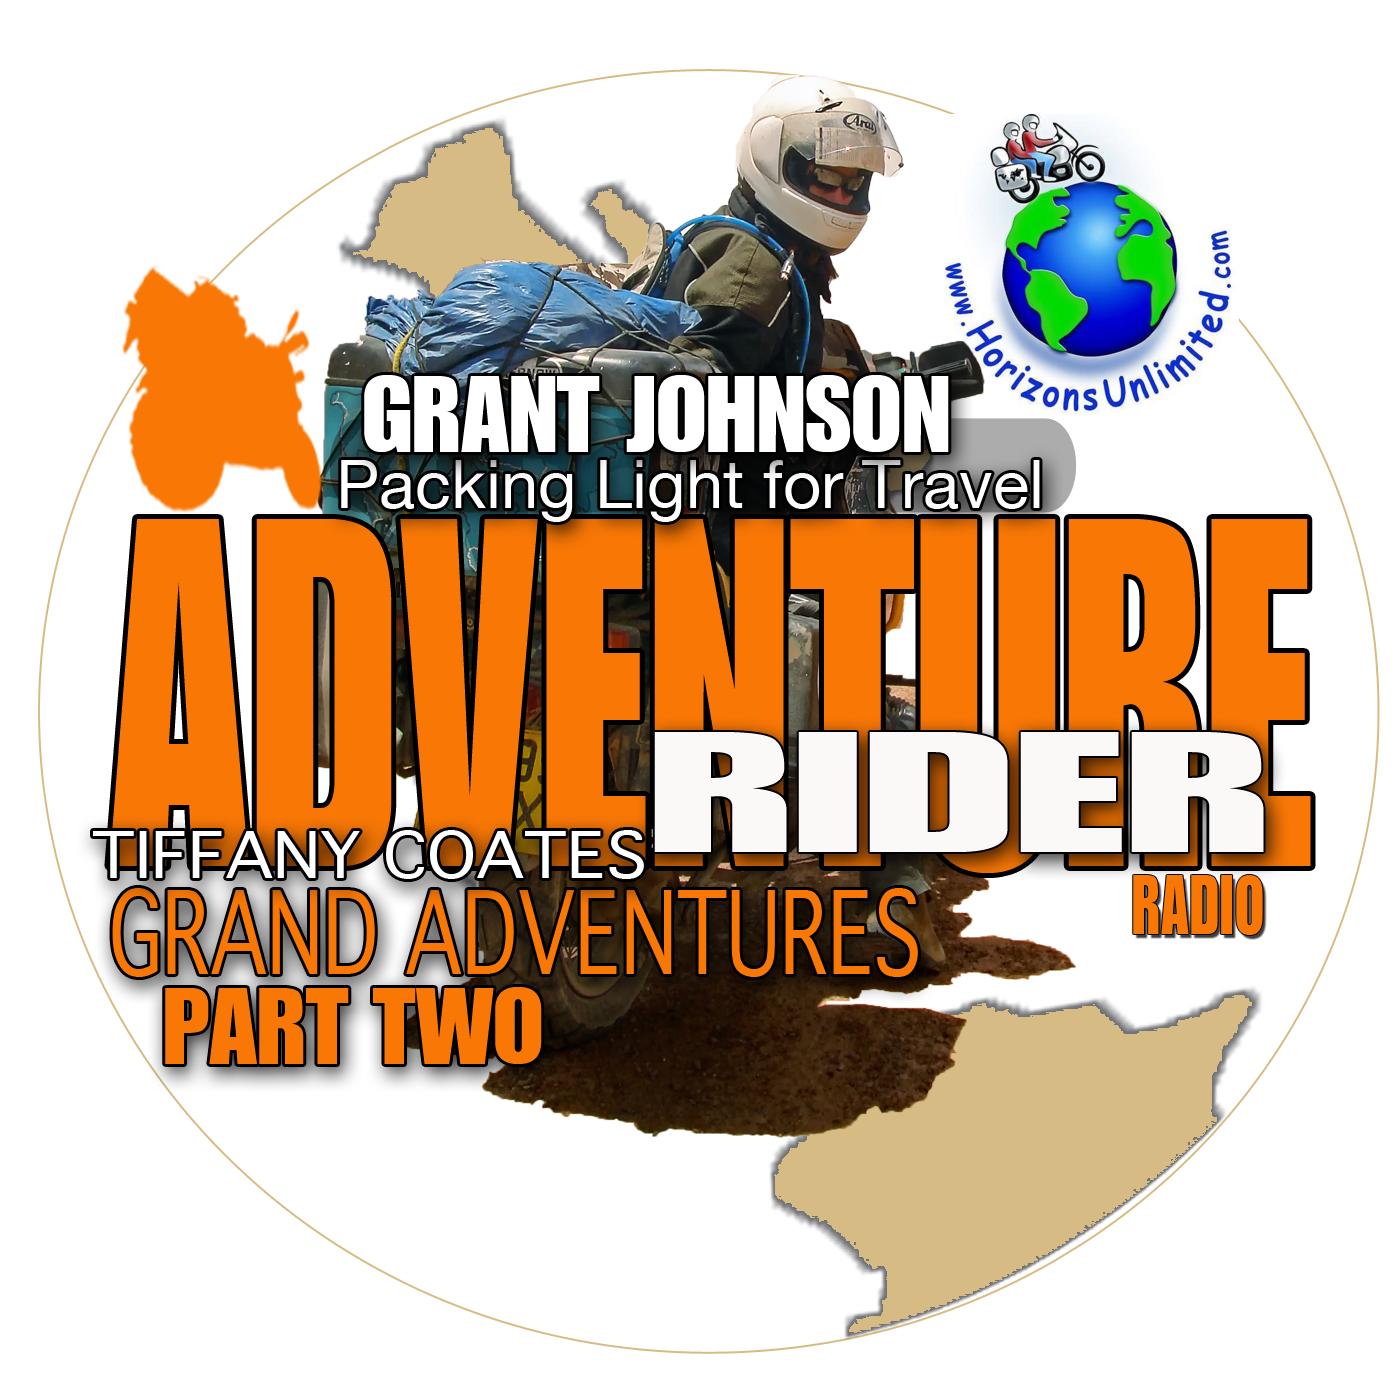 Tiffany-Coates-part2-Packing-Light-Grant-Johnson-Motortourer-Ben-deBoer